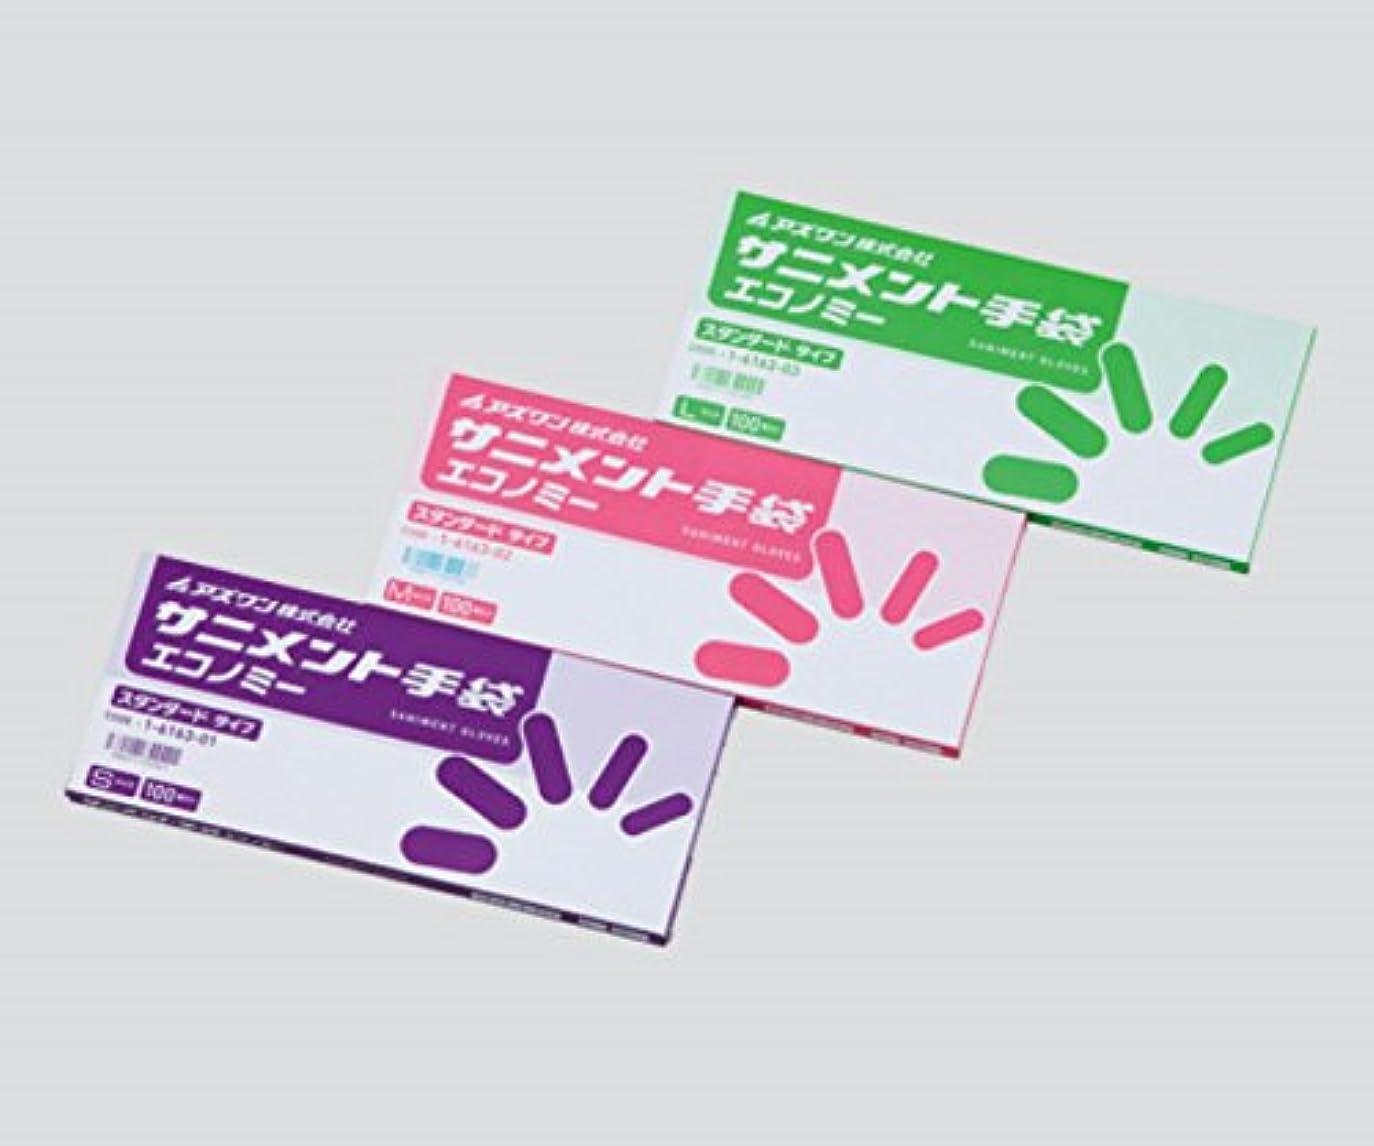 スピリチュアル干渉処理するラボラン サニメント手袋 エコノミー スタンダード 1-4903-02 Mサイズ 100枚/箱×11箱